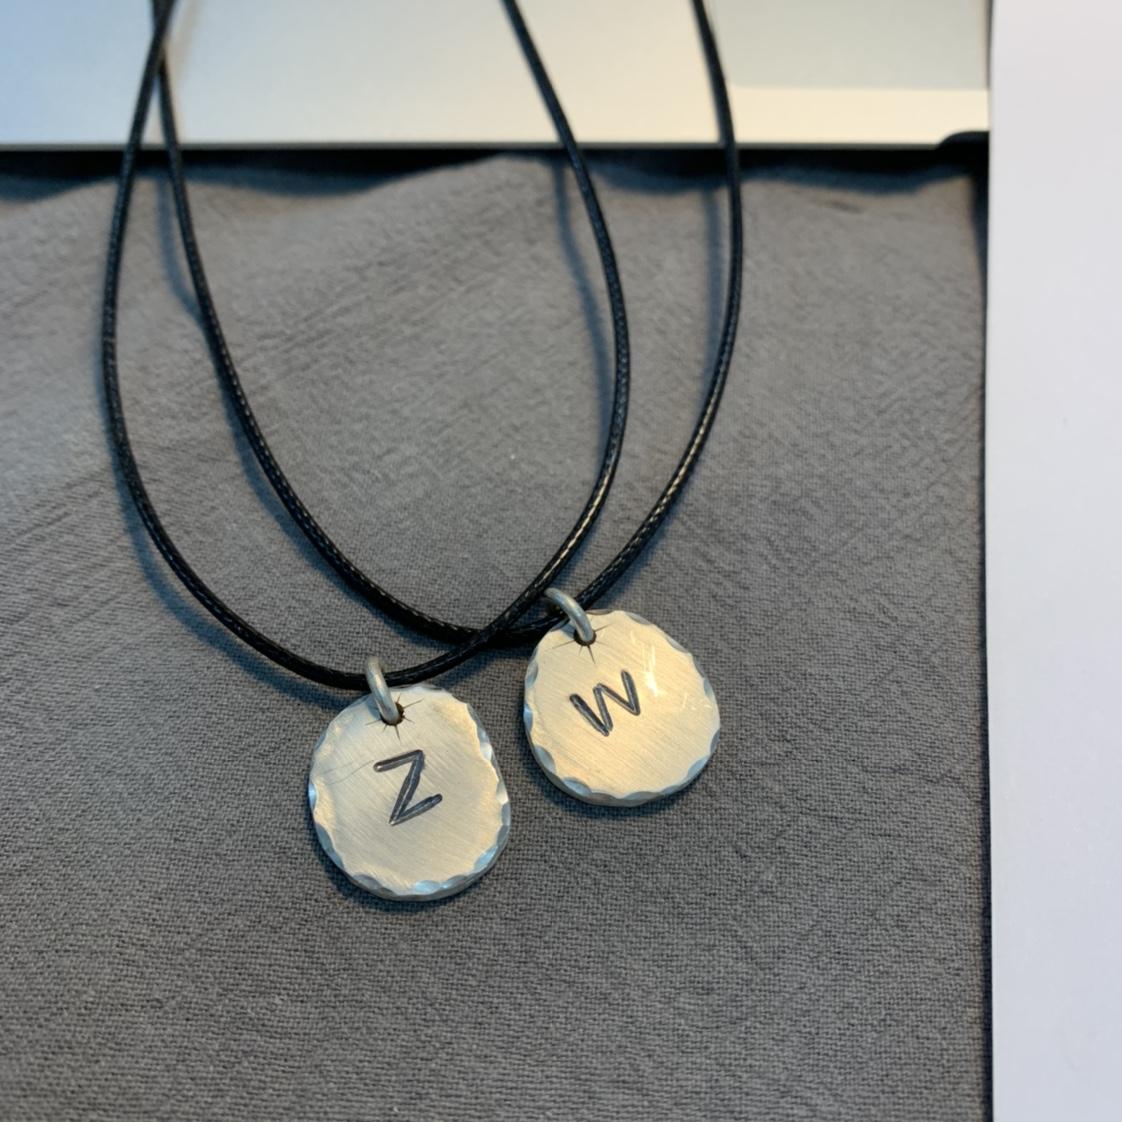 纯银手工定制复古文艺清新字母银牌吊坠挂件项链挂饰不土